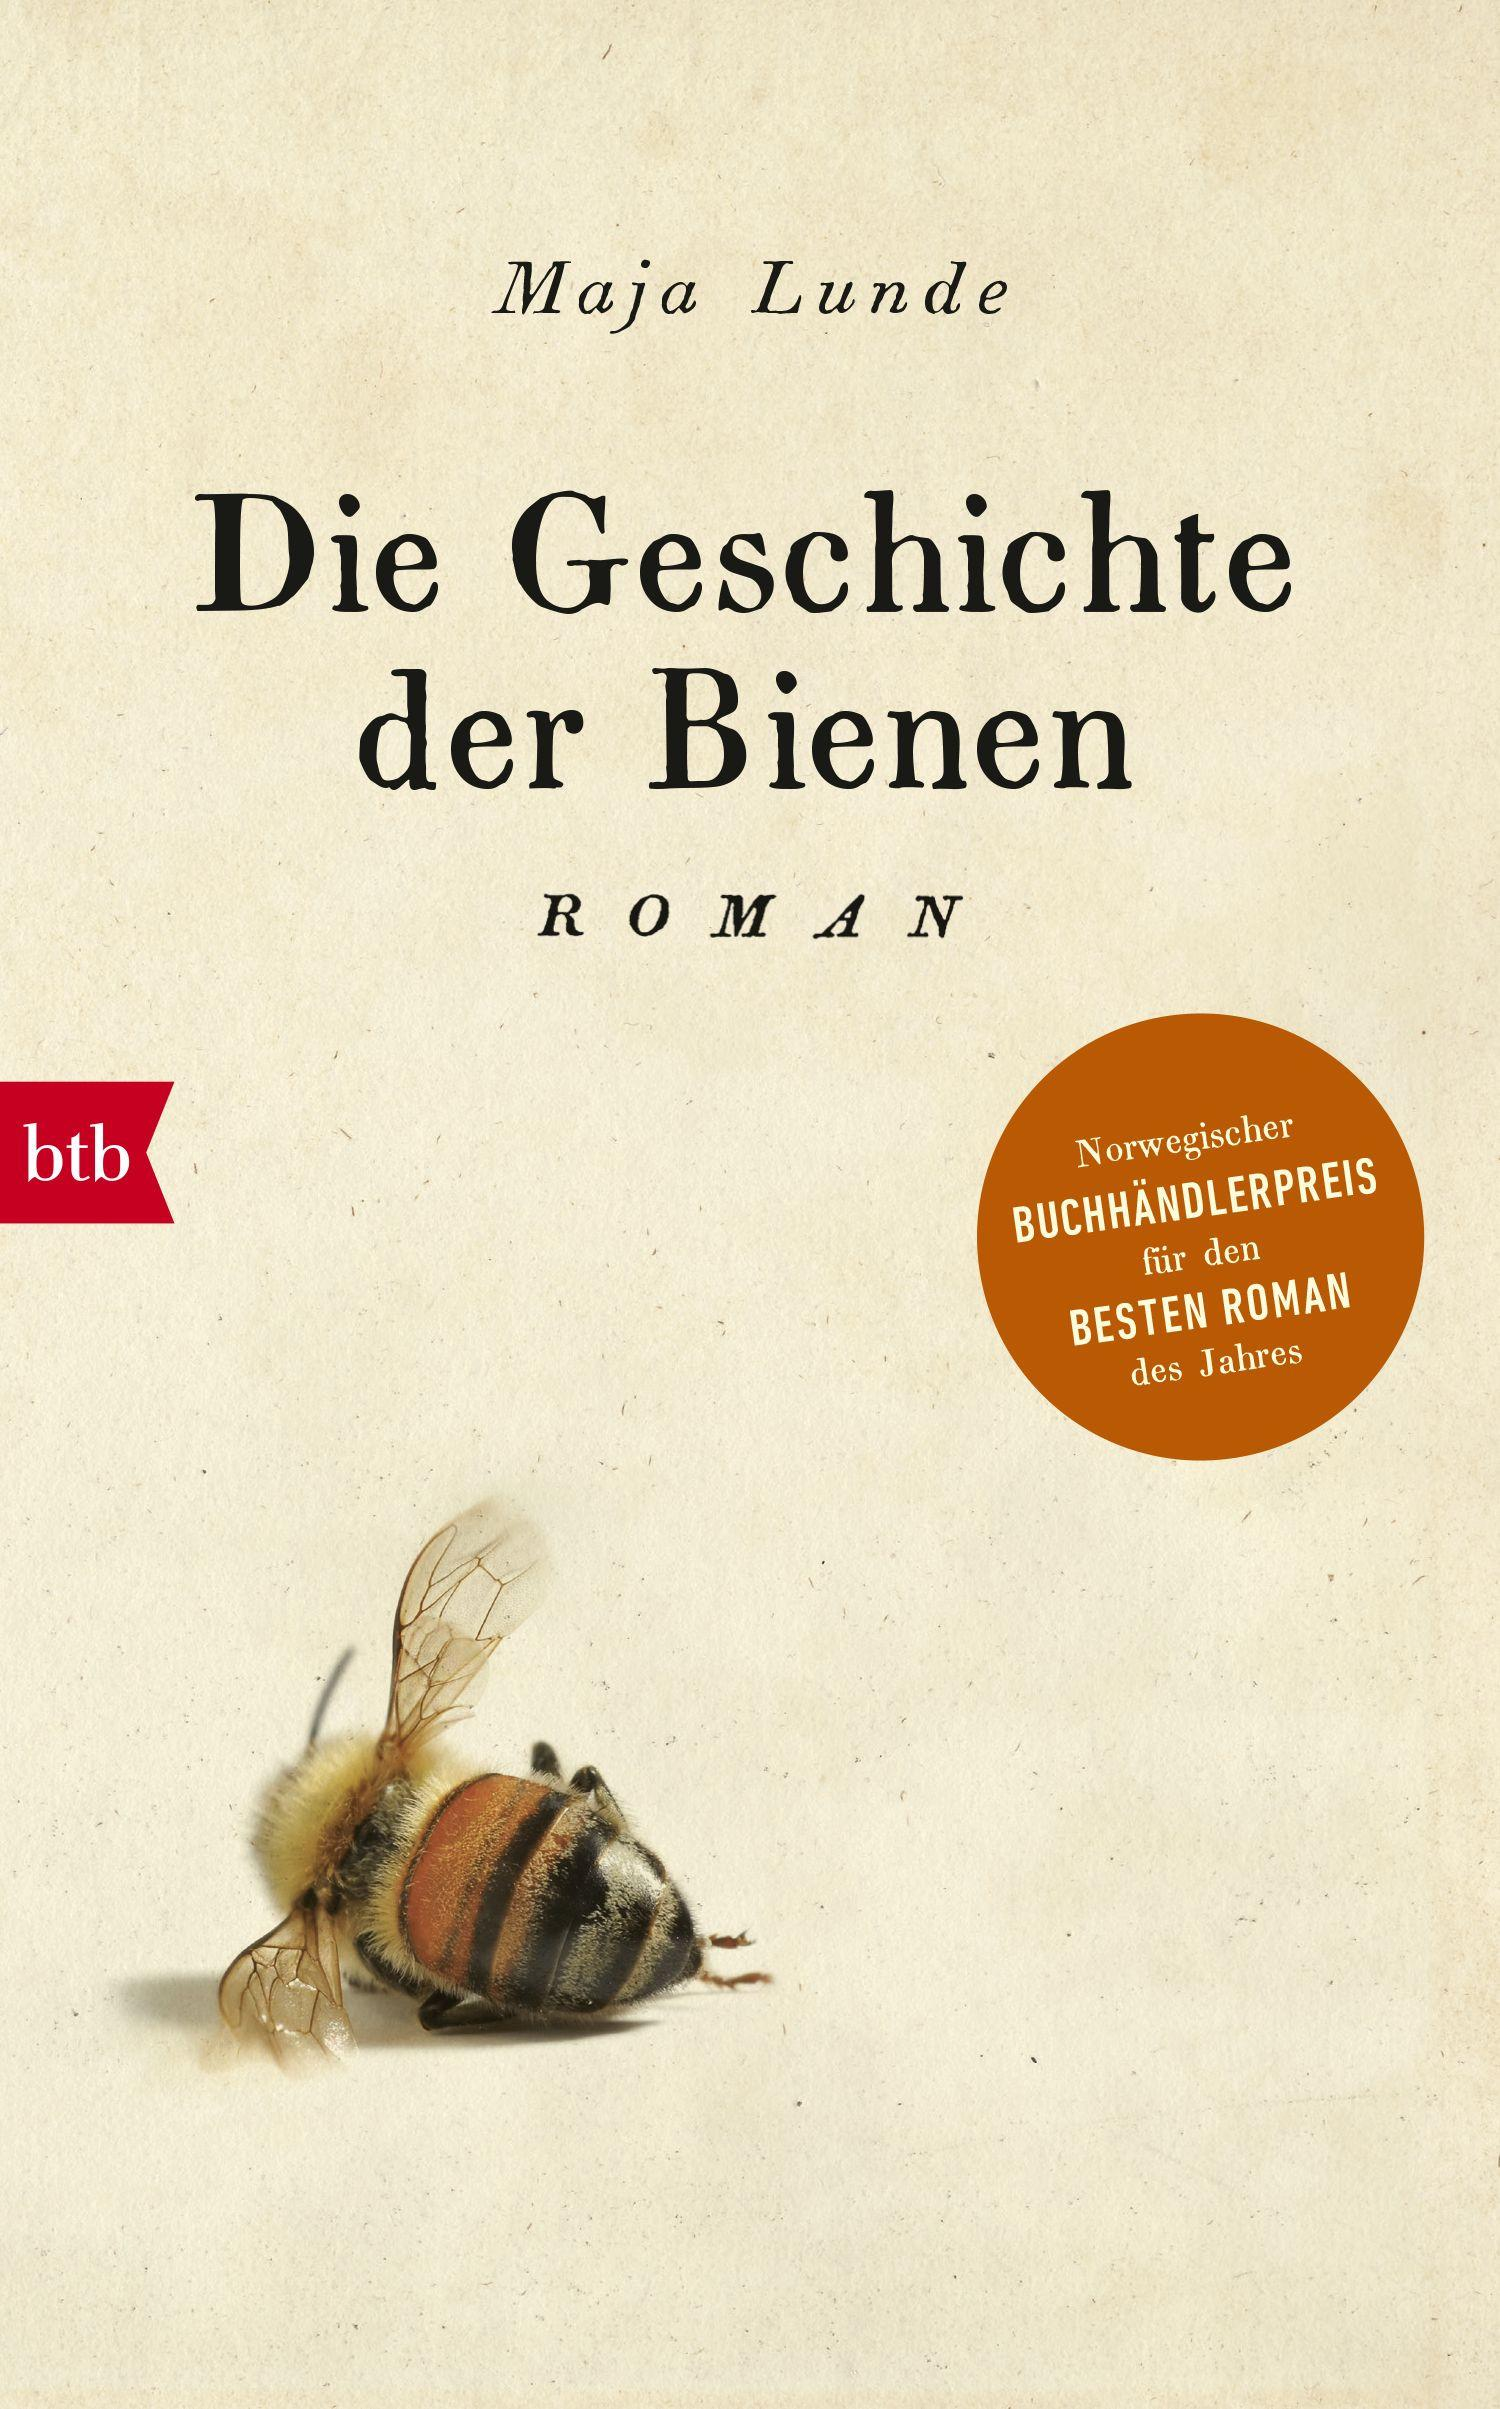 Die Geschichte der Bienen von Maja Lunde